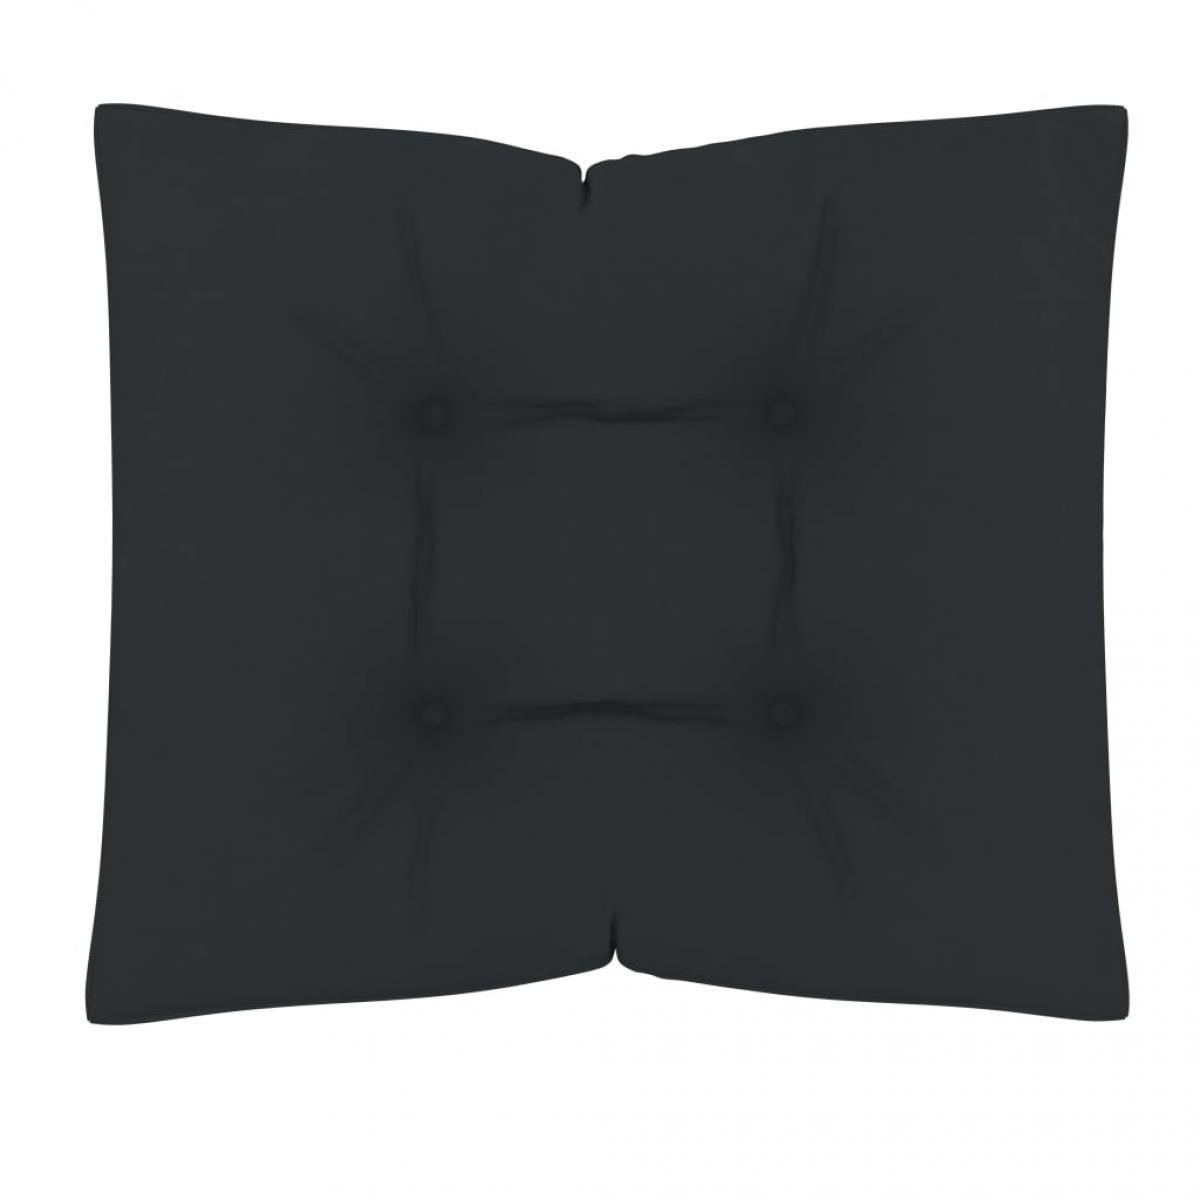 Vidaxl vidaXL Coussin de plancher de palette 60x61x10 cm Anthracite